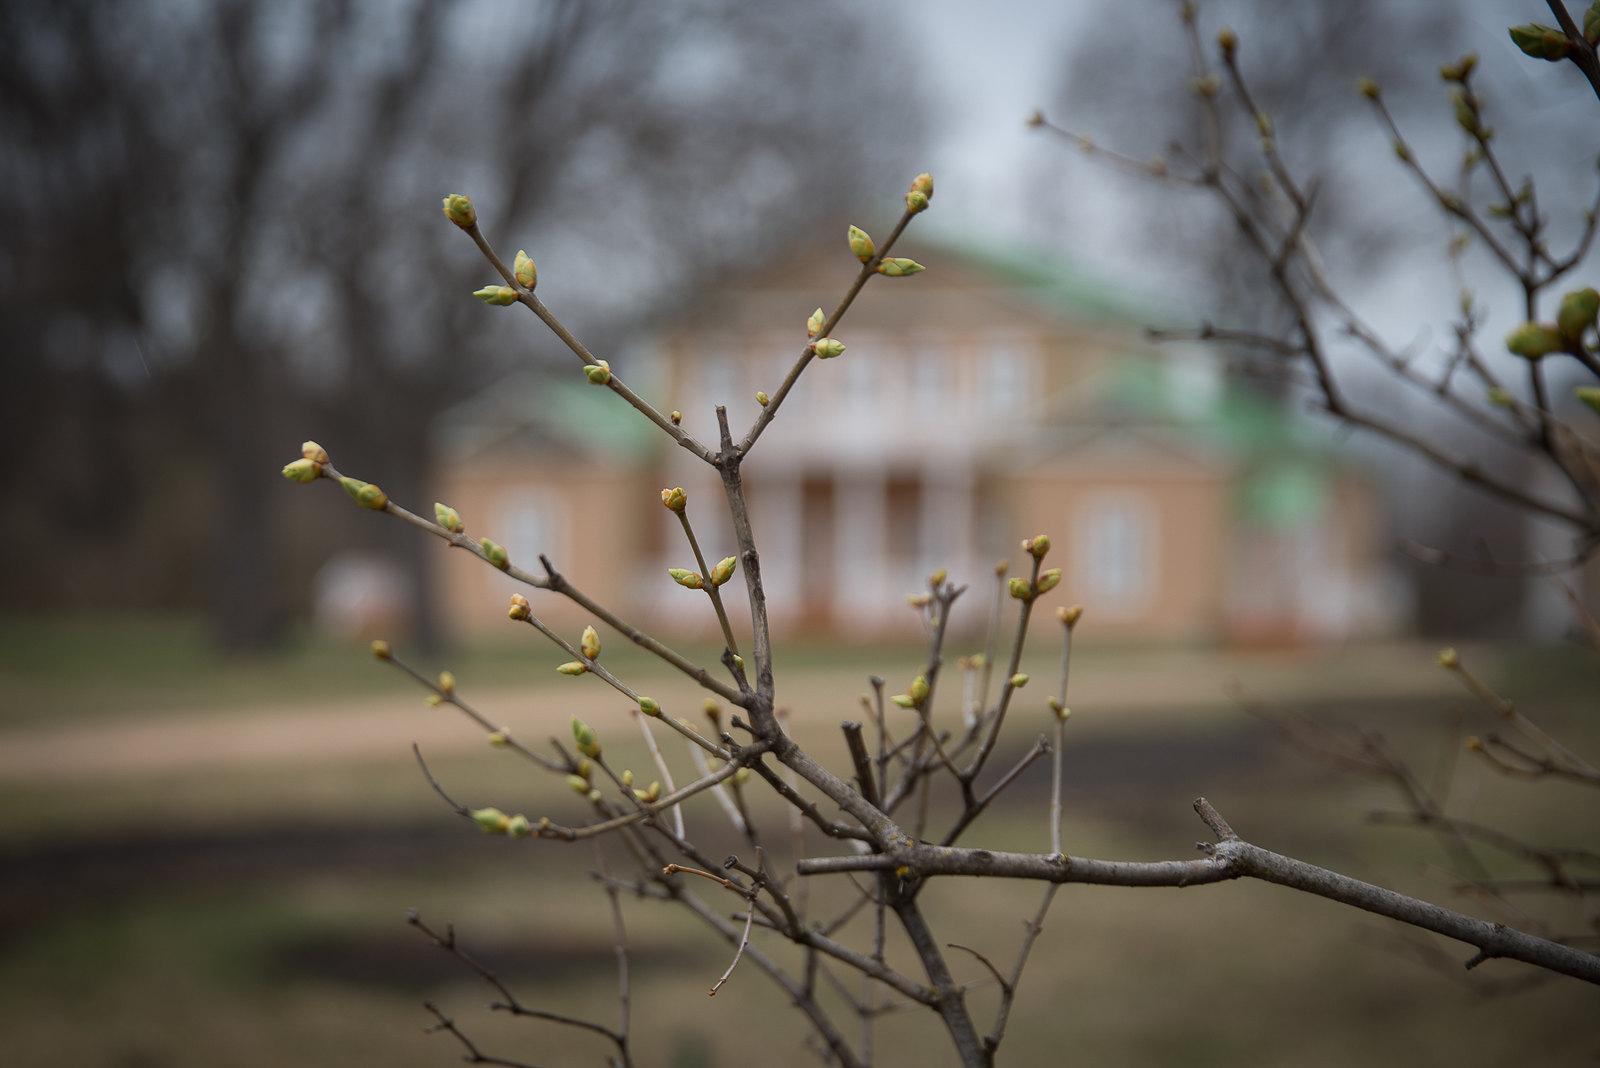 Лермонтовские «Тарханы». Апрельские дни. Фотограф: Семёнов Александр